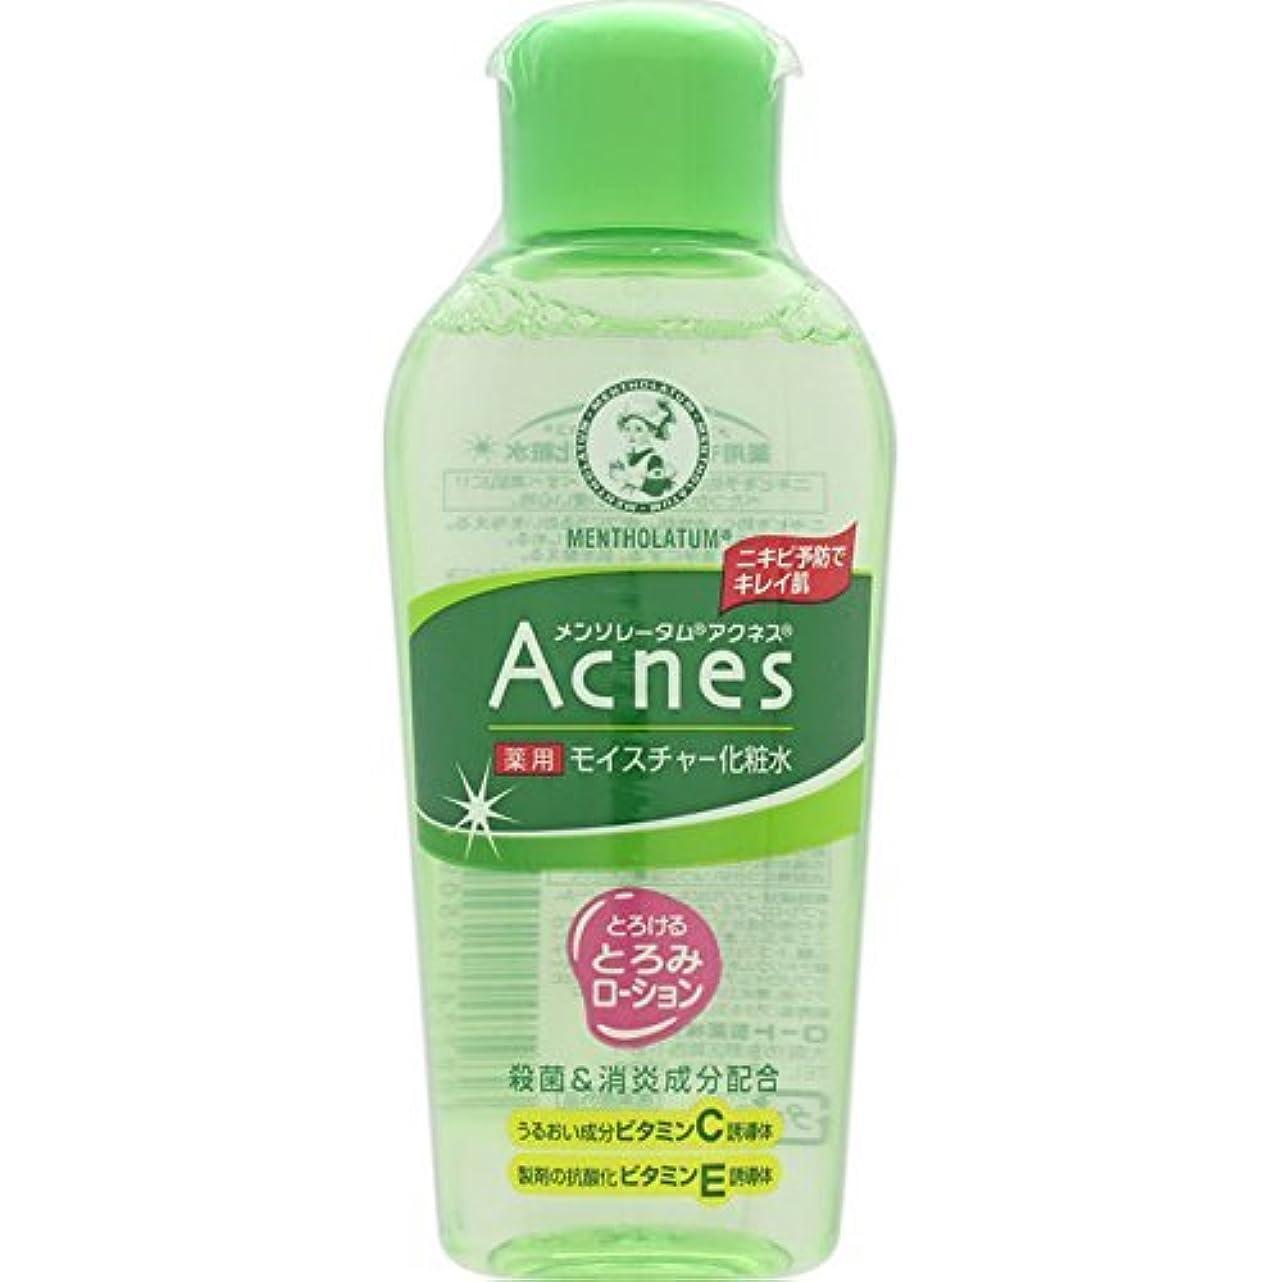 サービス動物母Acnes(アクネス) 薬用モイスチャー化粧水 120mL【医薬部外品】